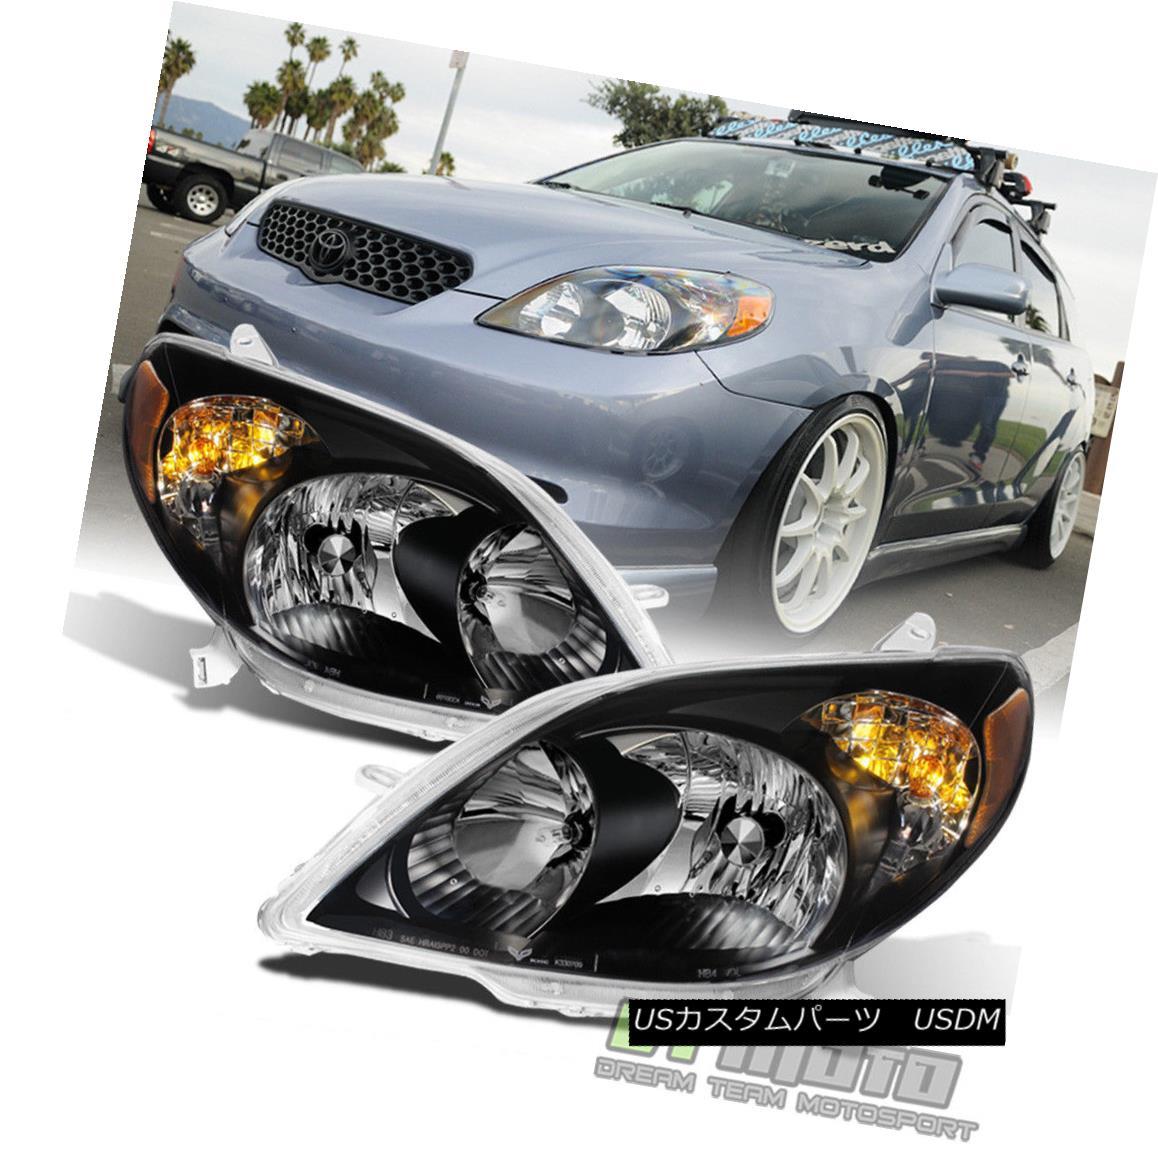 ヘッドライト Black 2003-2008 Toyota Matrix Headlights Healamps Replacement 03-08 Left+Right 黒2003-2008トヨタマトリックスヘッドライトヒーラーアンプ交換03-08左+右